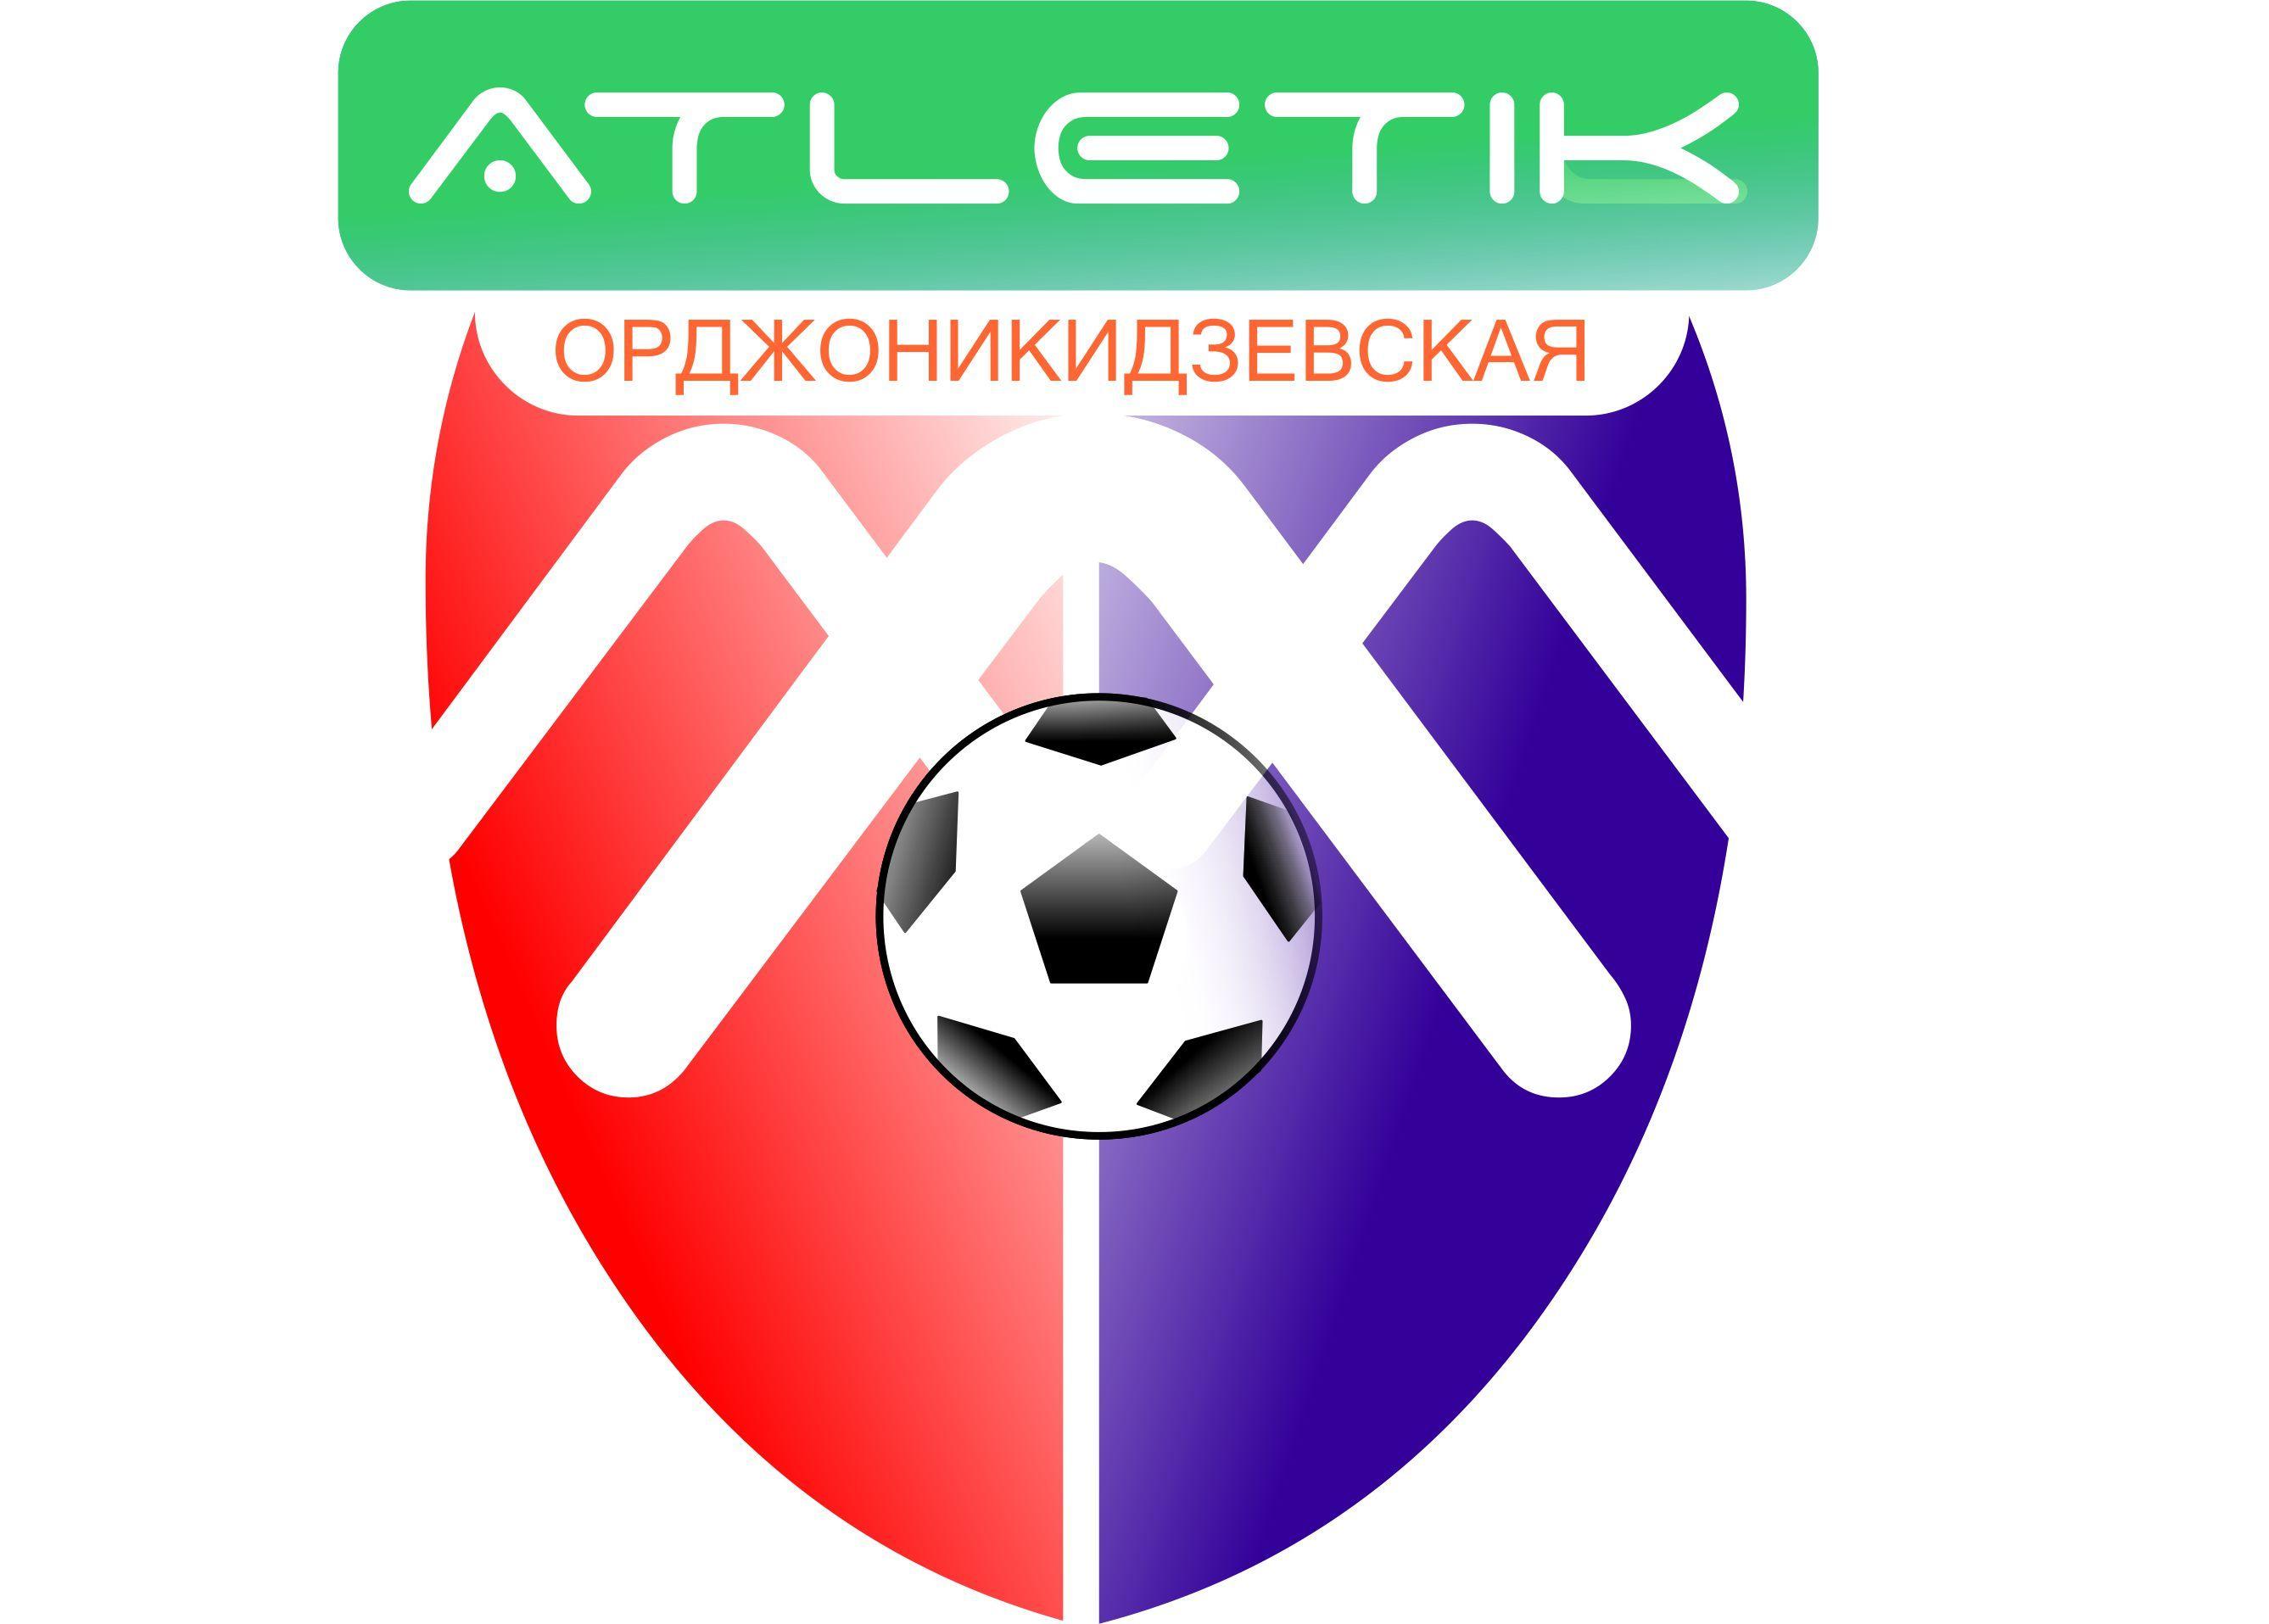 Логотип для Футбольного клуба  - дизайнер visento